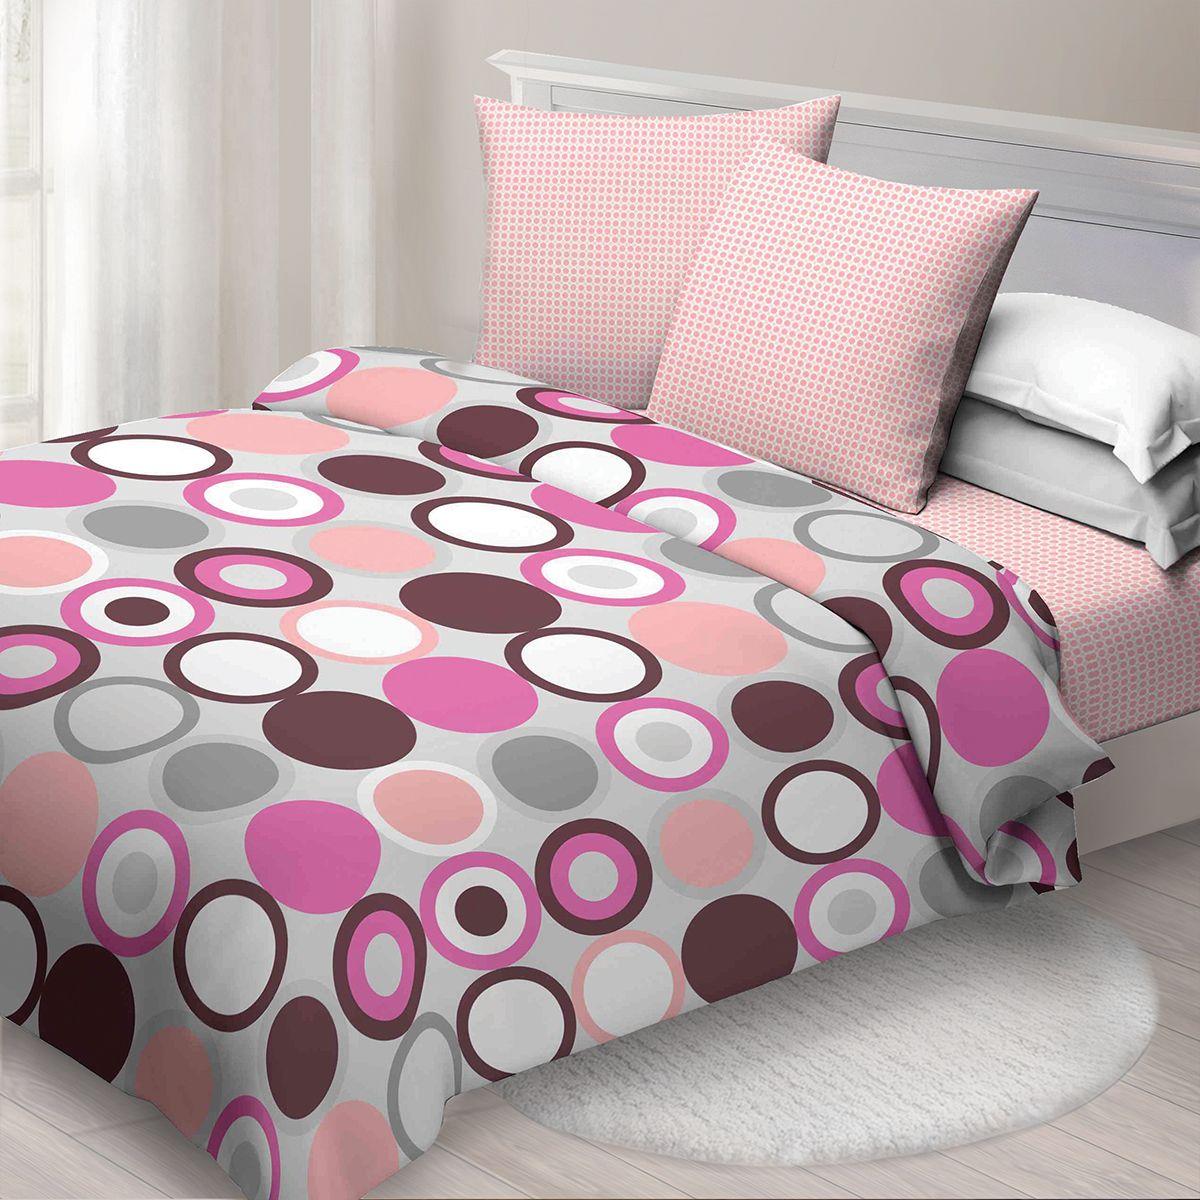 Комплект белья Спал Спалыч Ронди, 1,5 спальное, наволочки 70x70, цвет: бордовый. 4083-182442